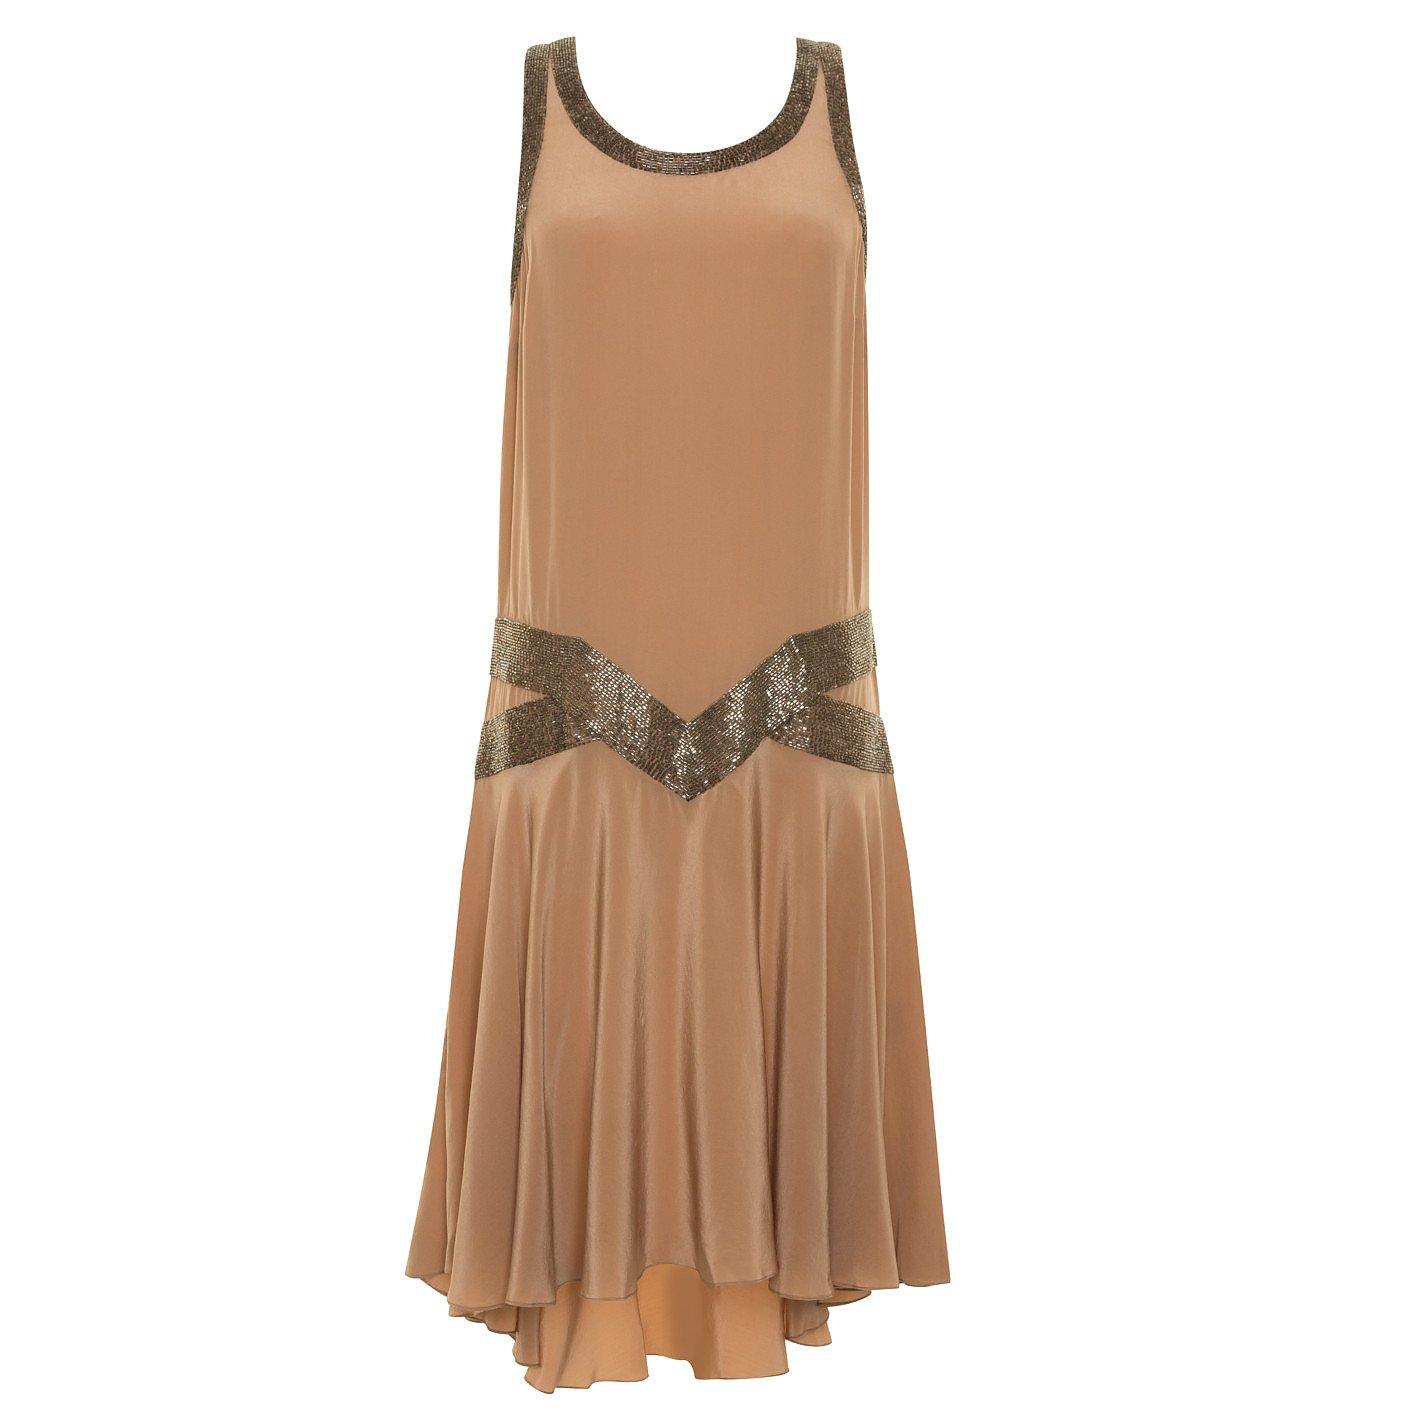 Joseph Bead-Embellished Sleeveless Dress